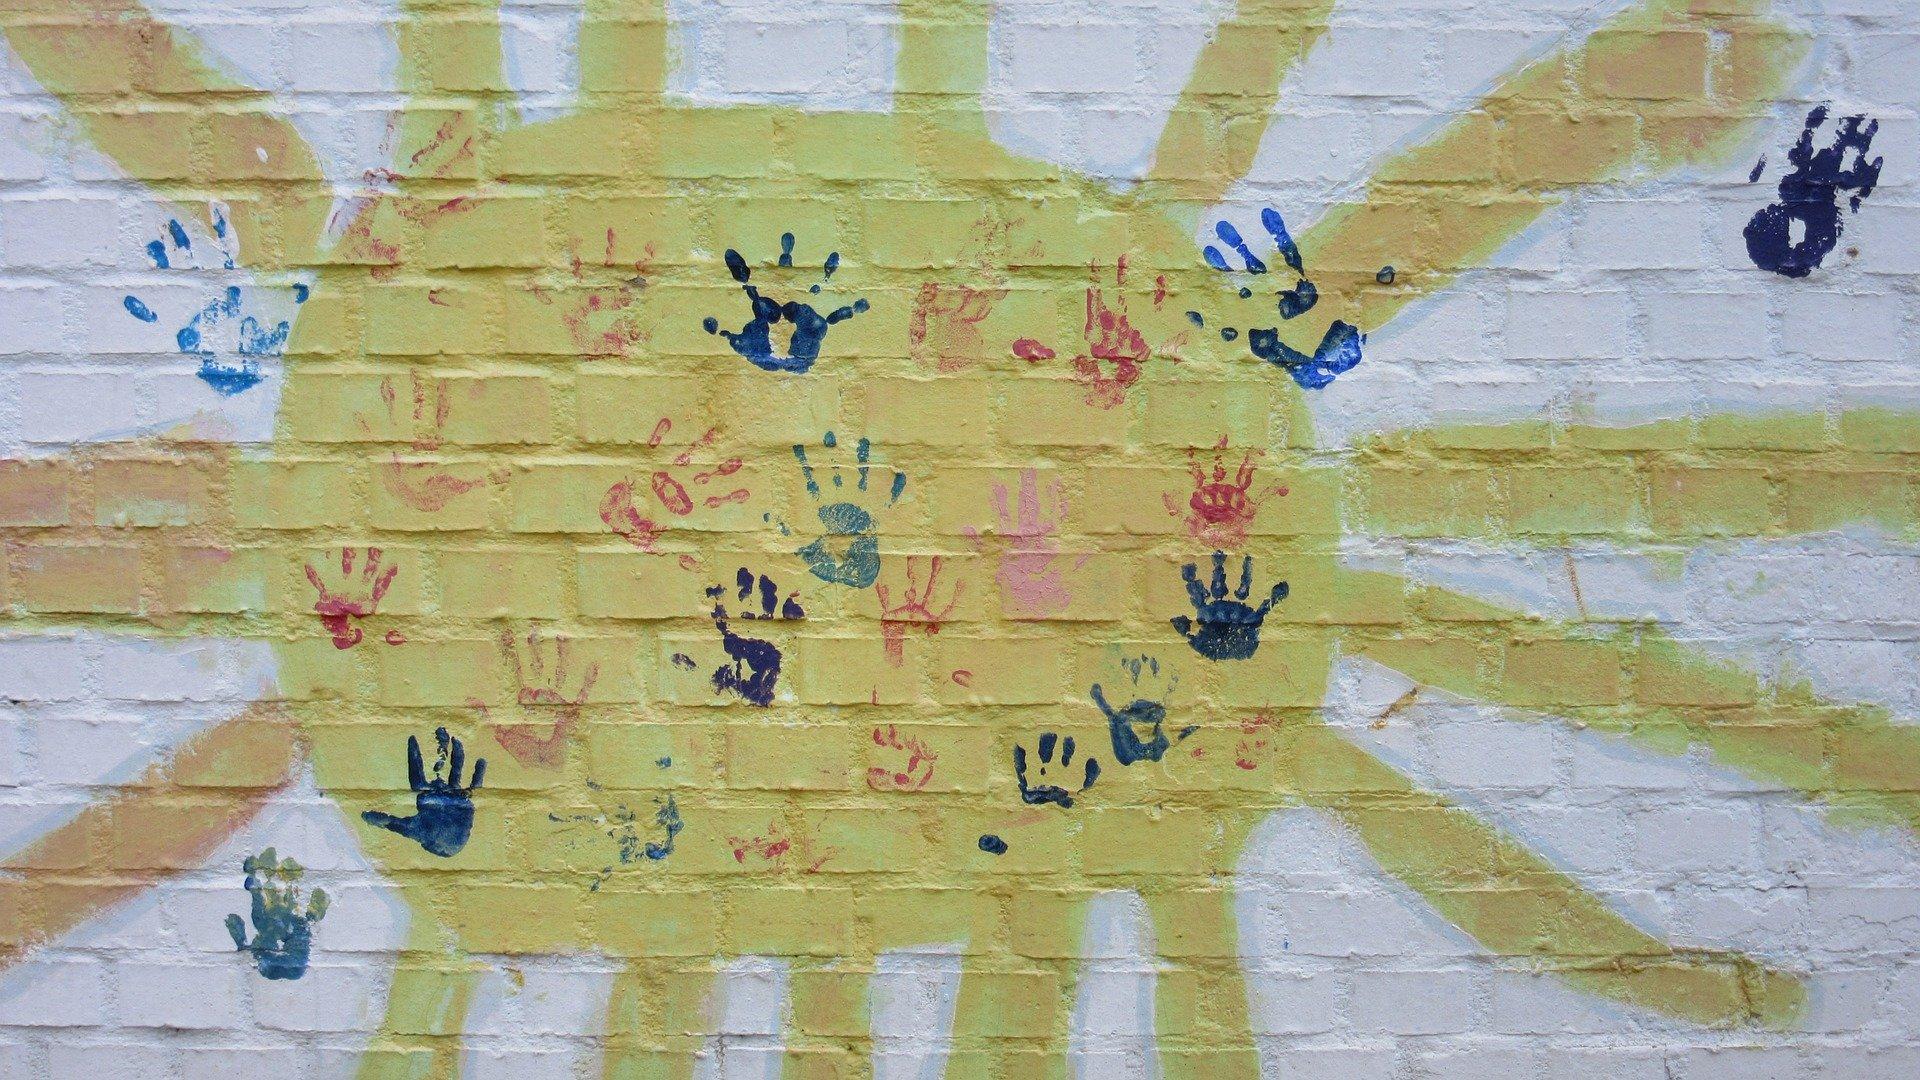 murales raffigurante un sole e impronte colorate di mani